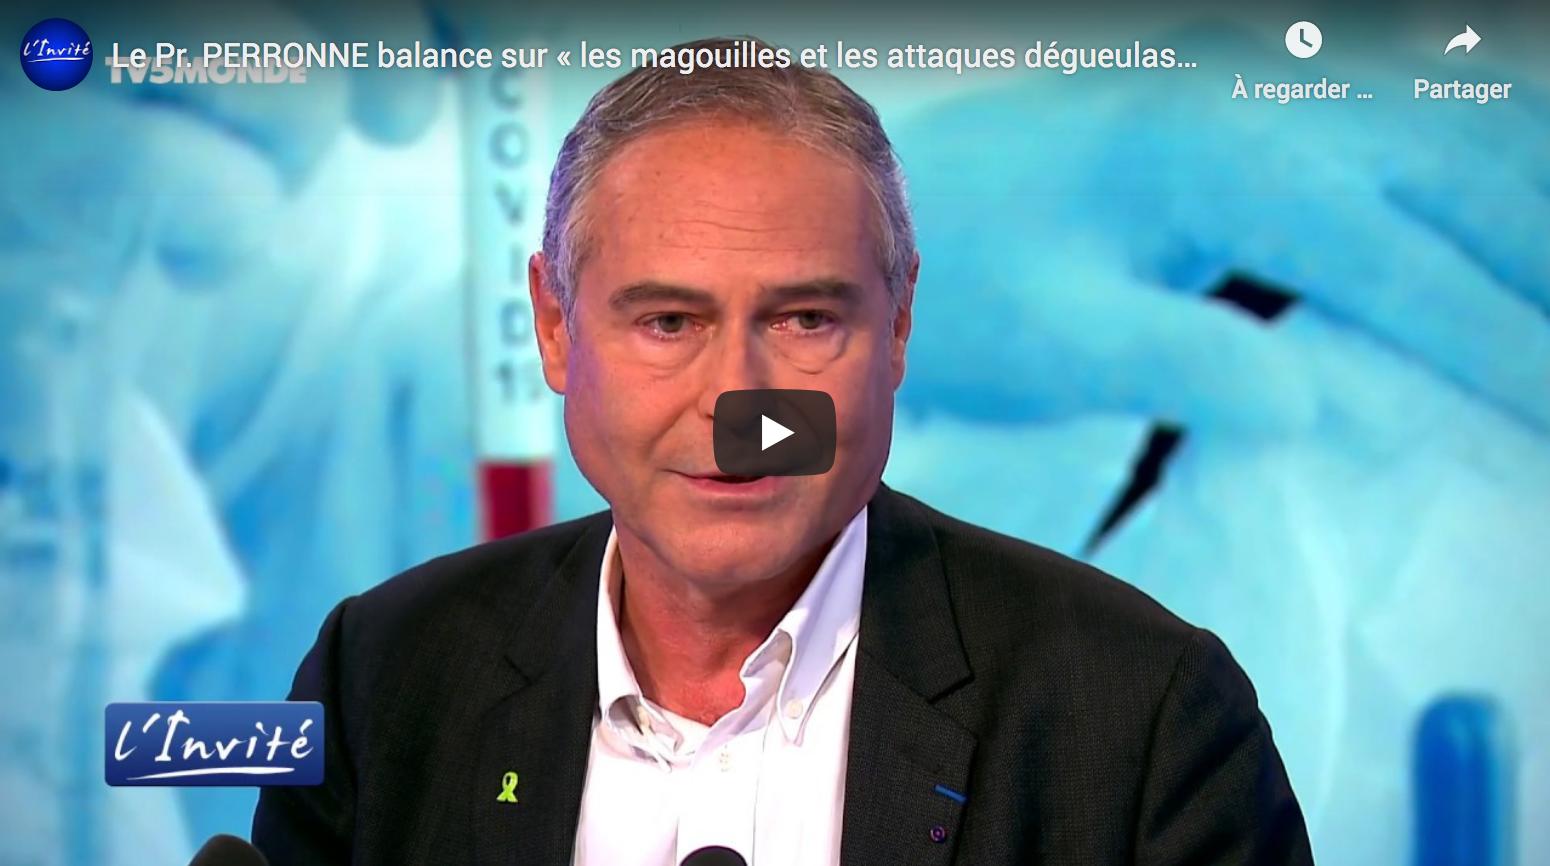 Le Pr Christian Perronne balance sur « les magouilles et les attaques dégueulasses contre le Pr Raoult » (VIDÉO)